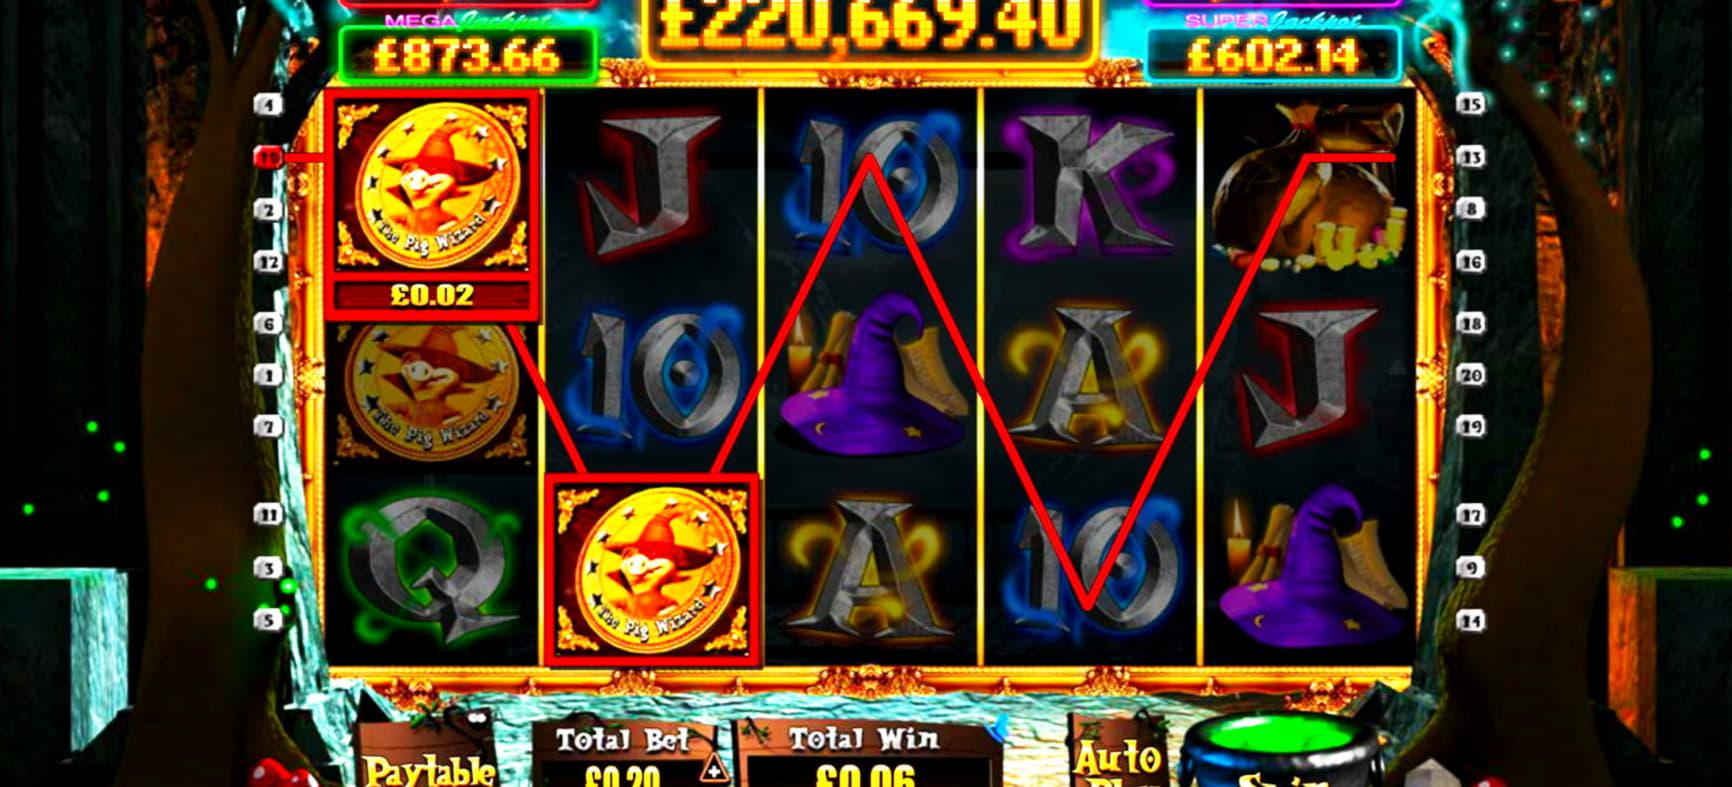 55 bezmaksas griezieni bez iemaksas Wild Blaster kazino